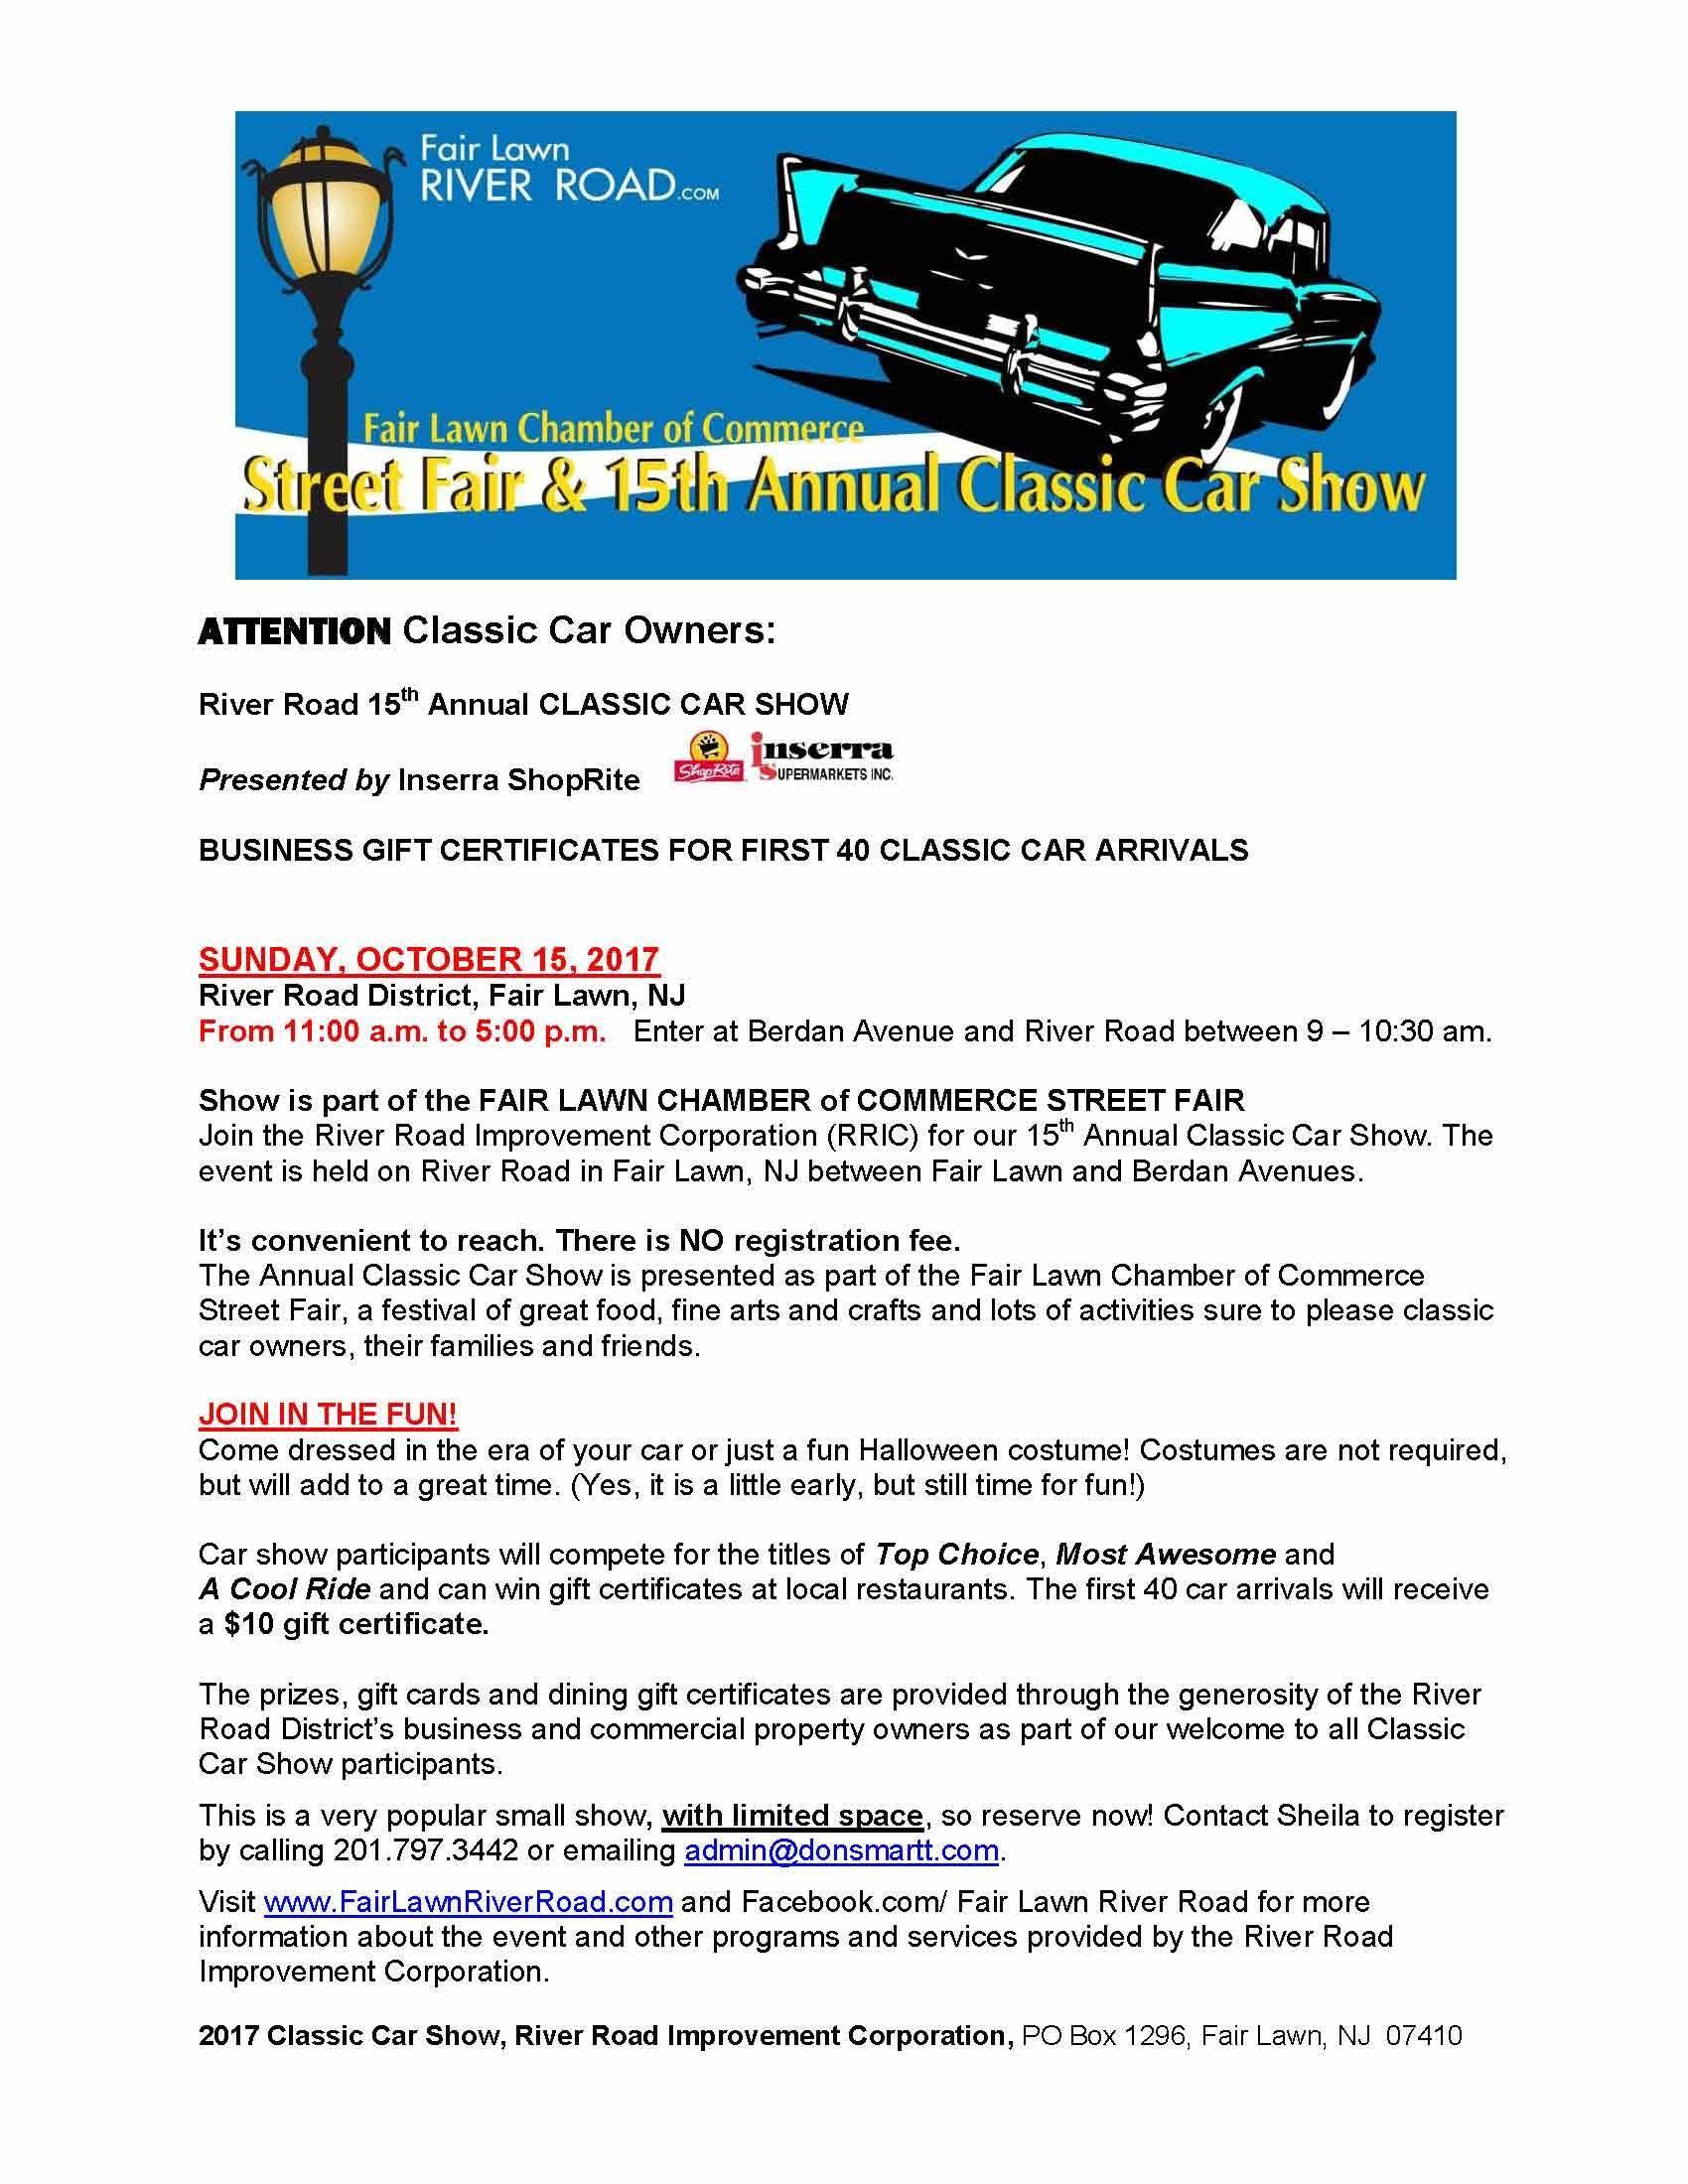 467dfeded73128438b71_RR__17_Classic_Car_Announcement.jpg